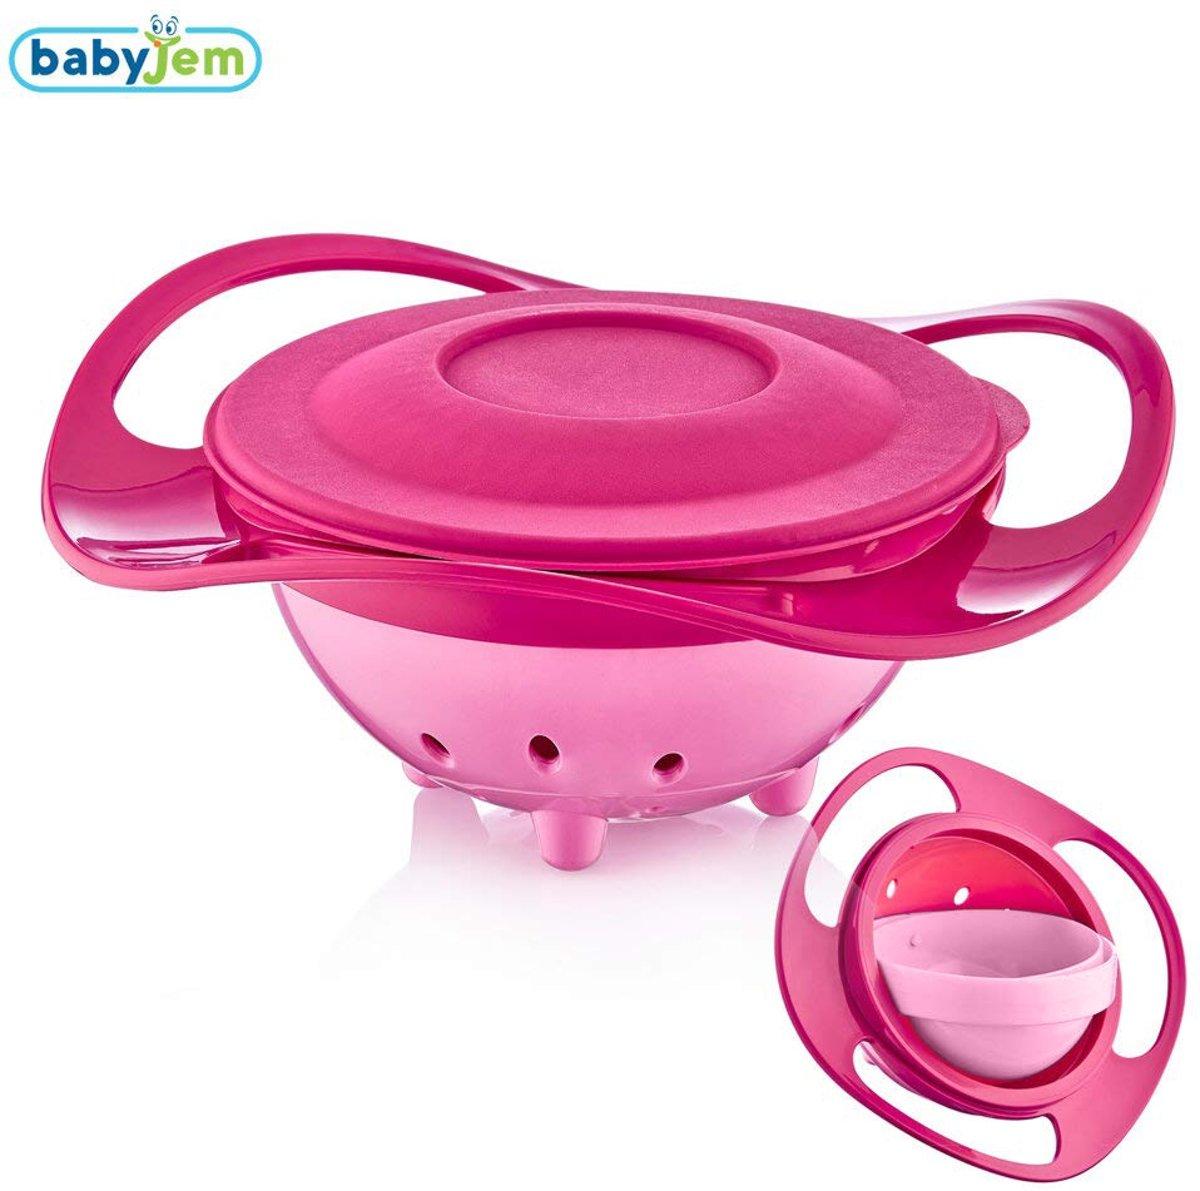 Babyjem Roze Amazing Kom, 360 Degree Rotatie , Met Klep , Kind kom, baby voeden , BPA Vrij , Leuk , Functioneel , Baby's voeden kopen